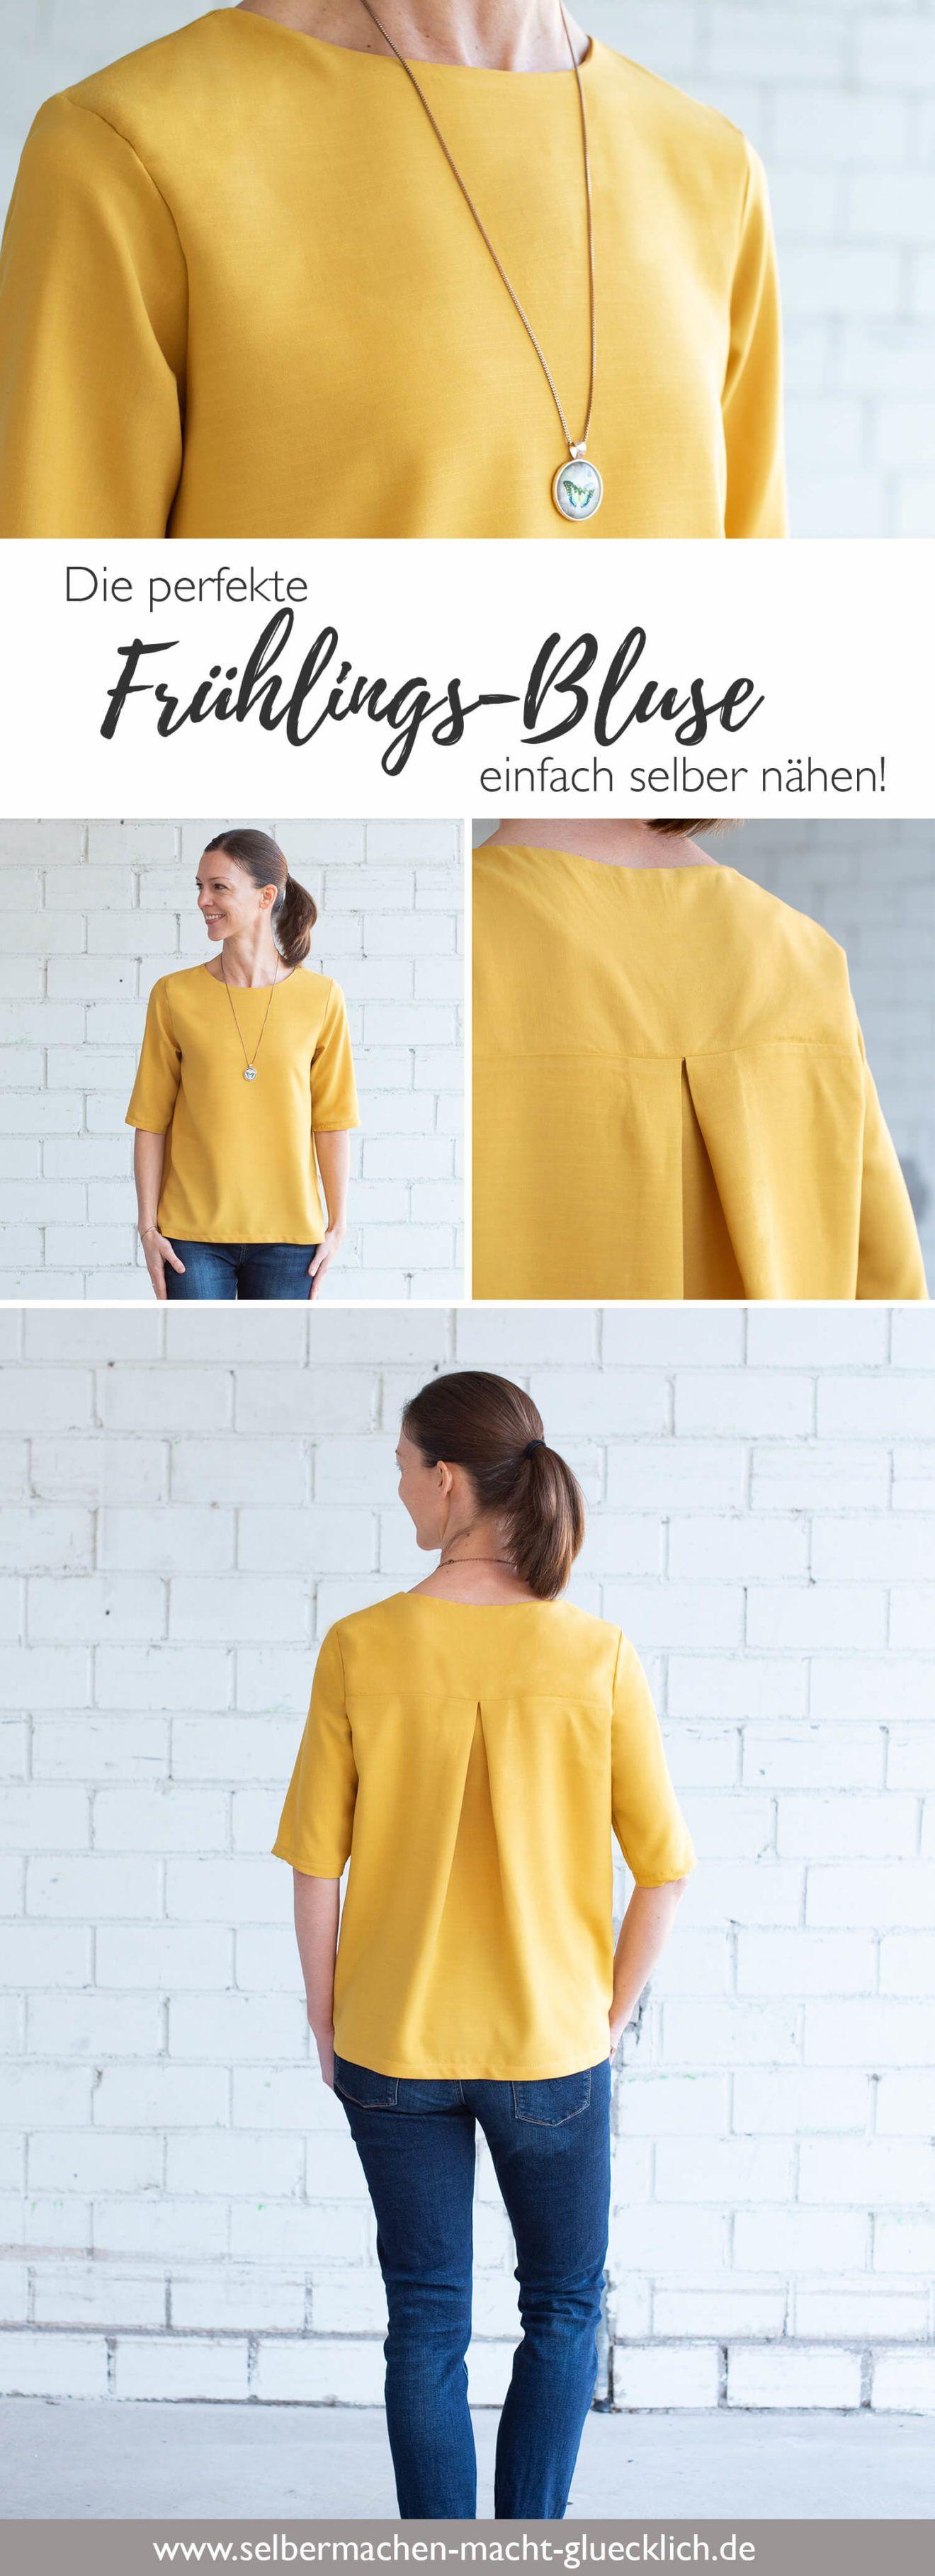 Die perfekte Frühlings-Bluse einfach selber nähen!